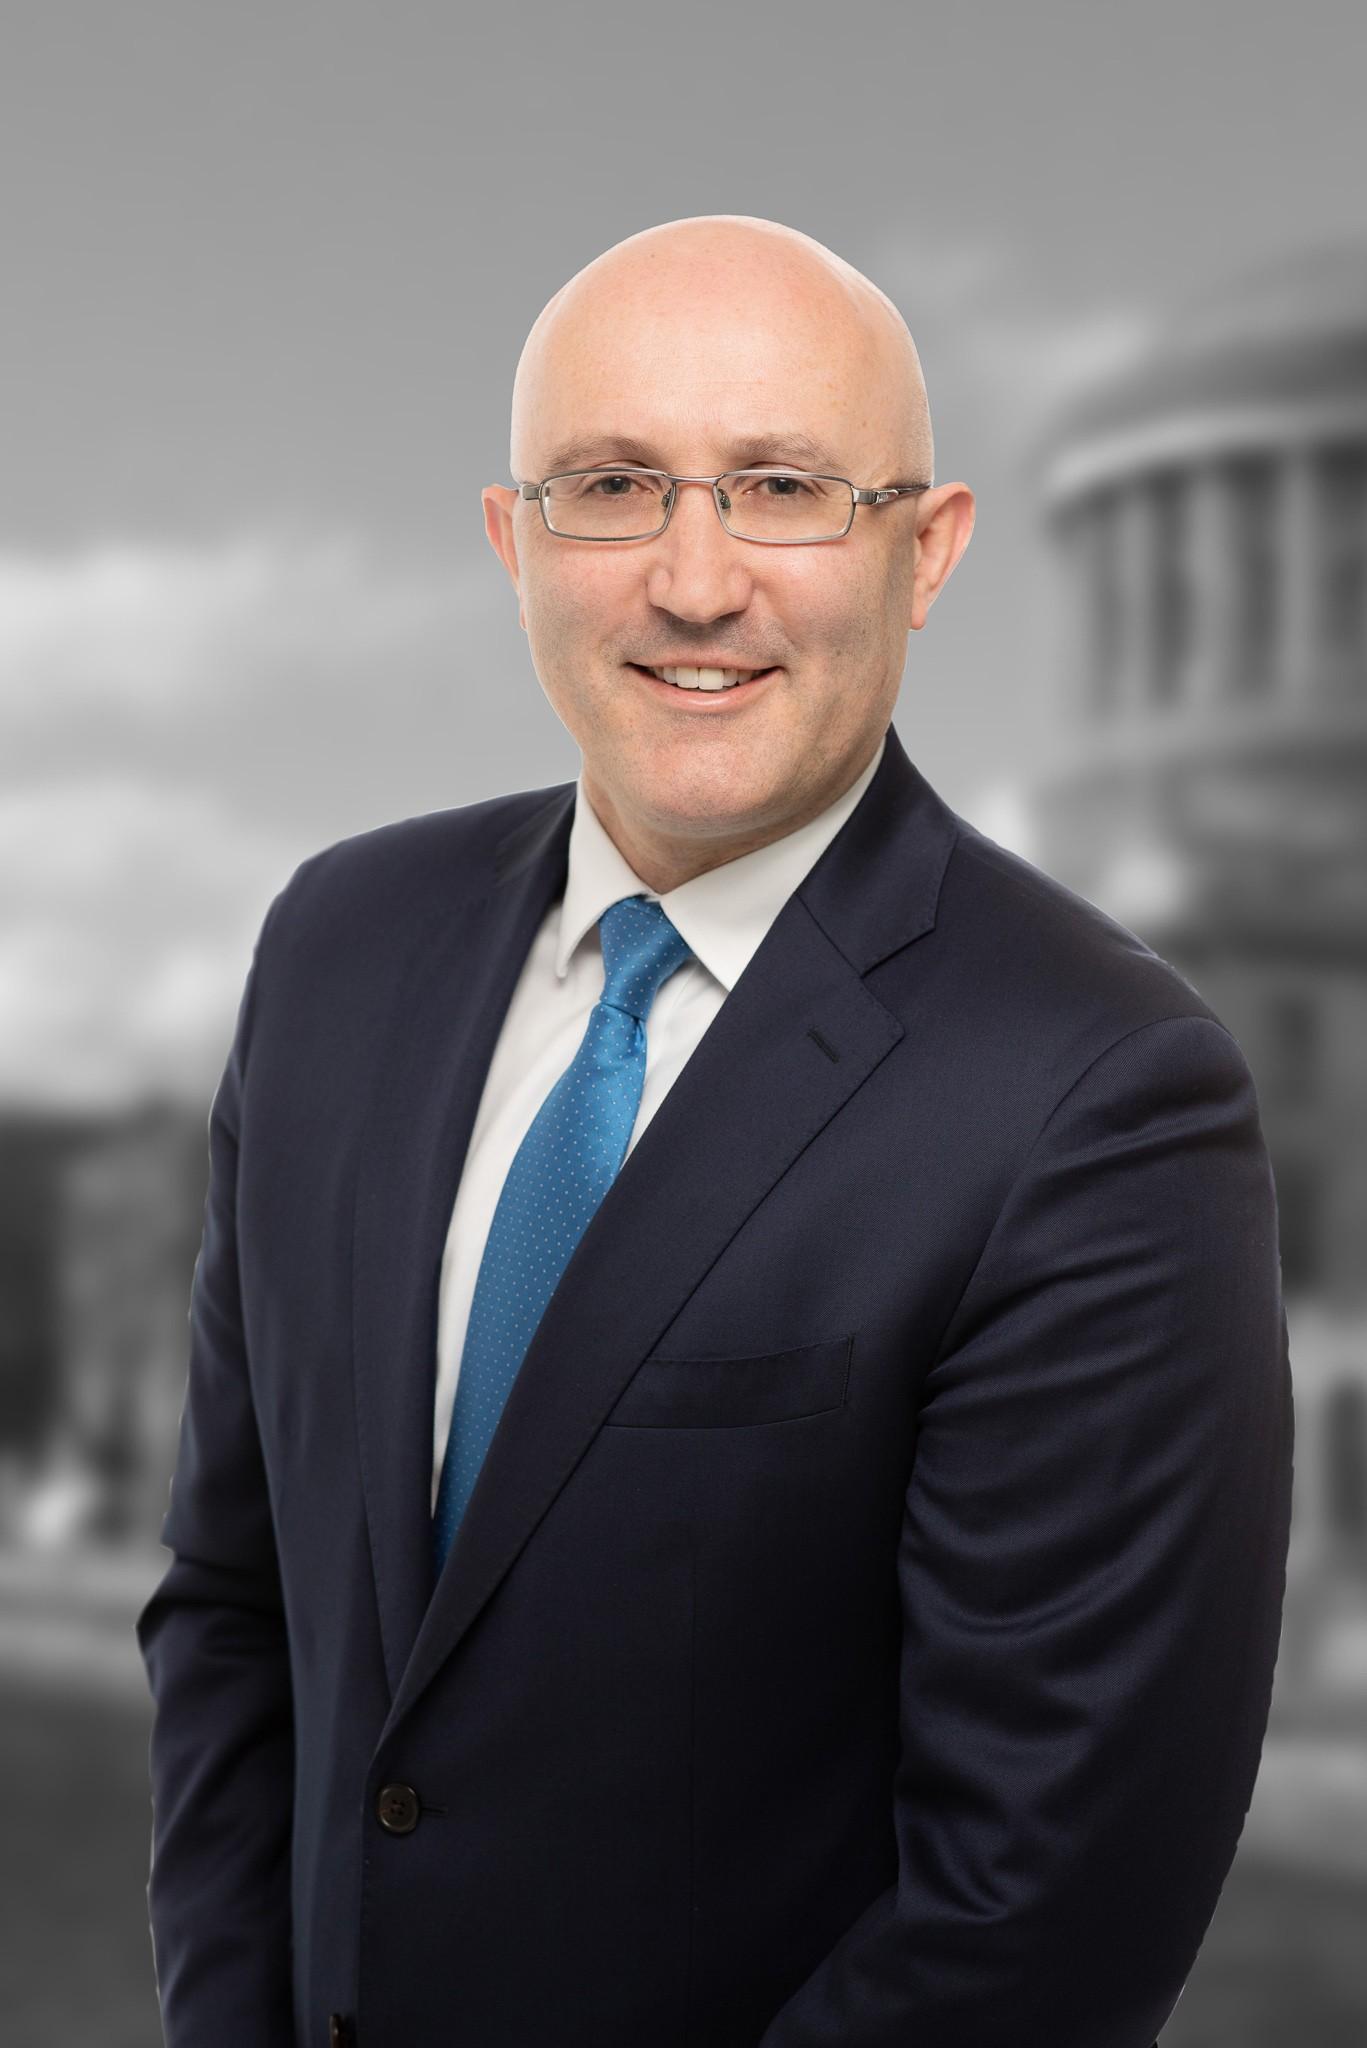 Peter Byrne